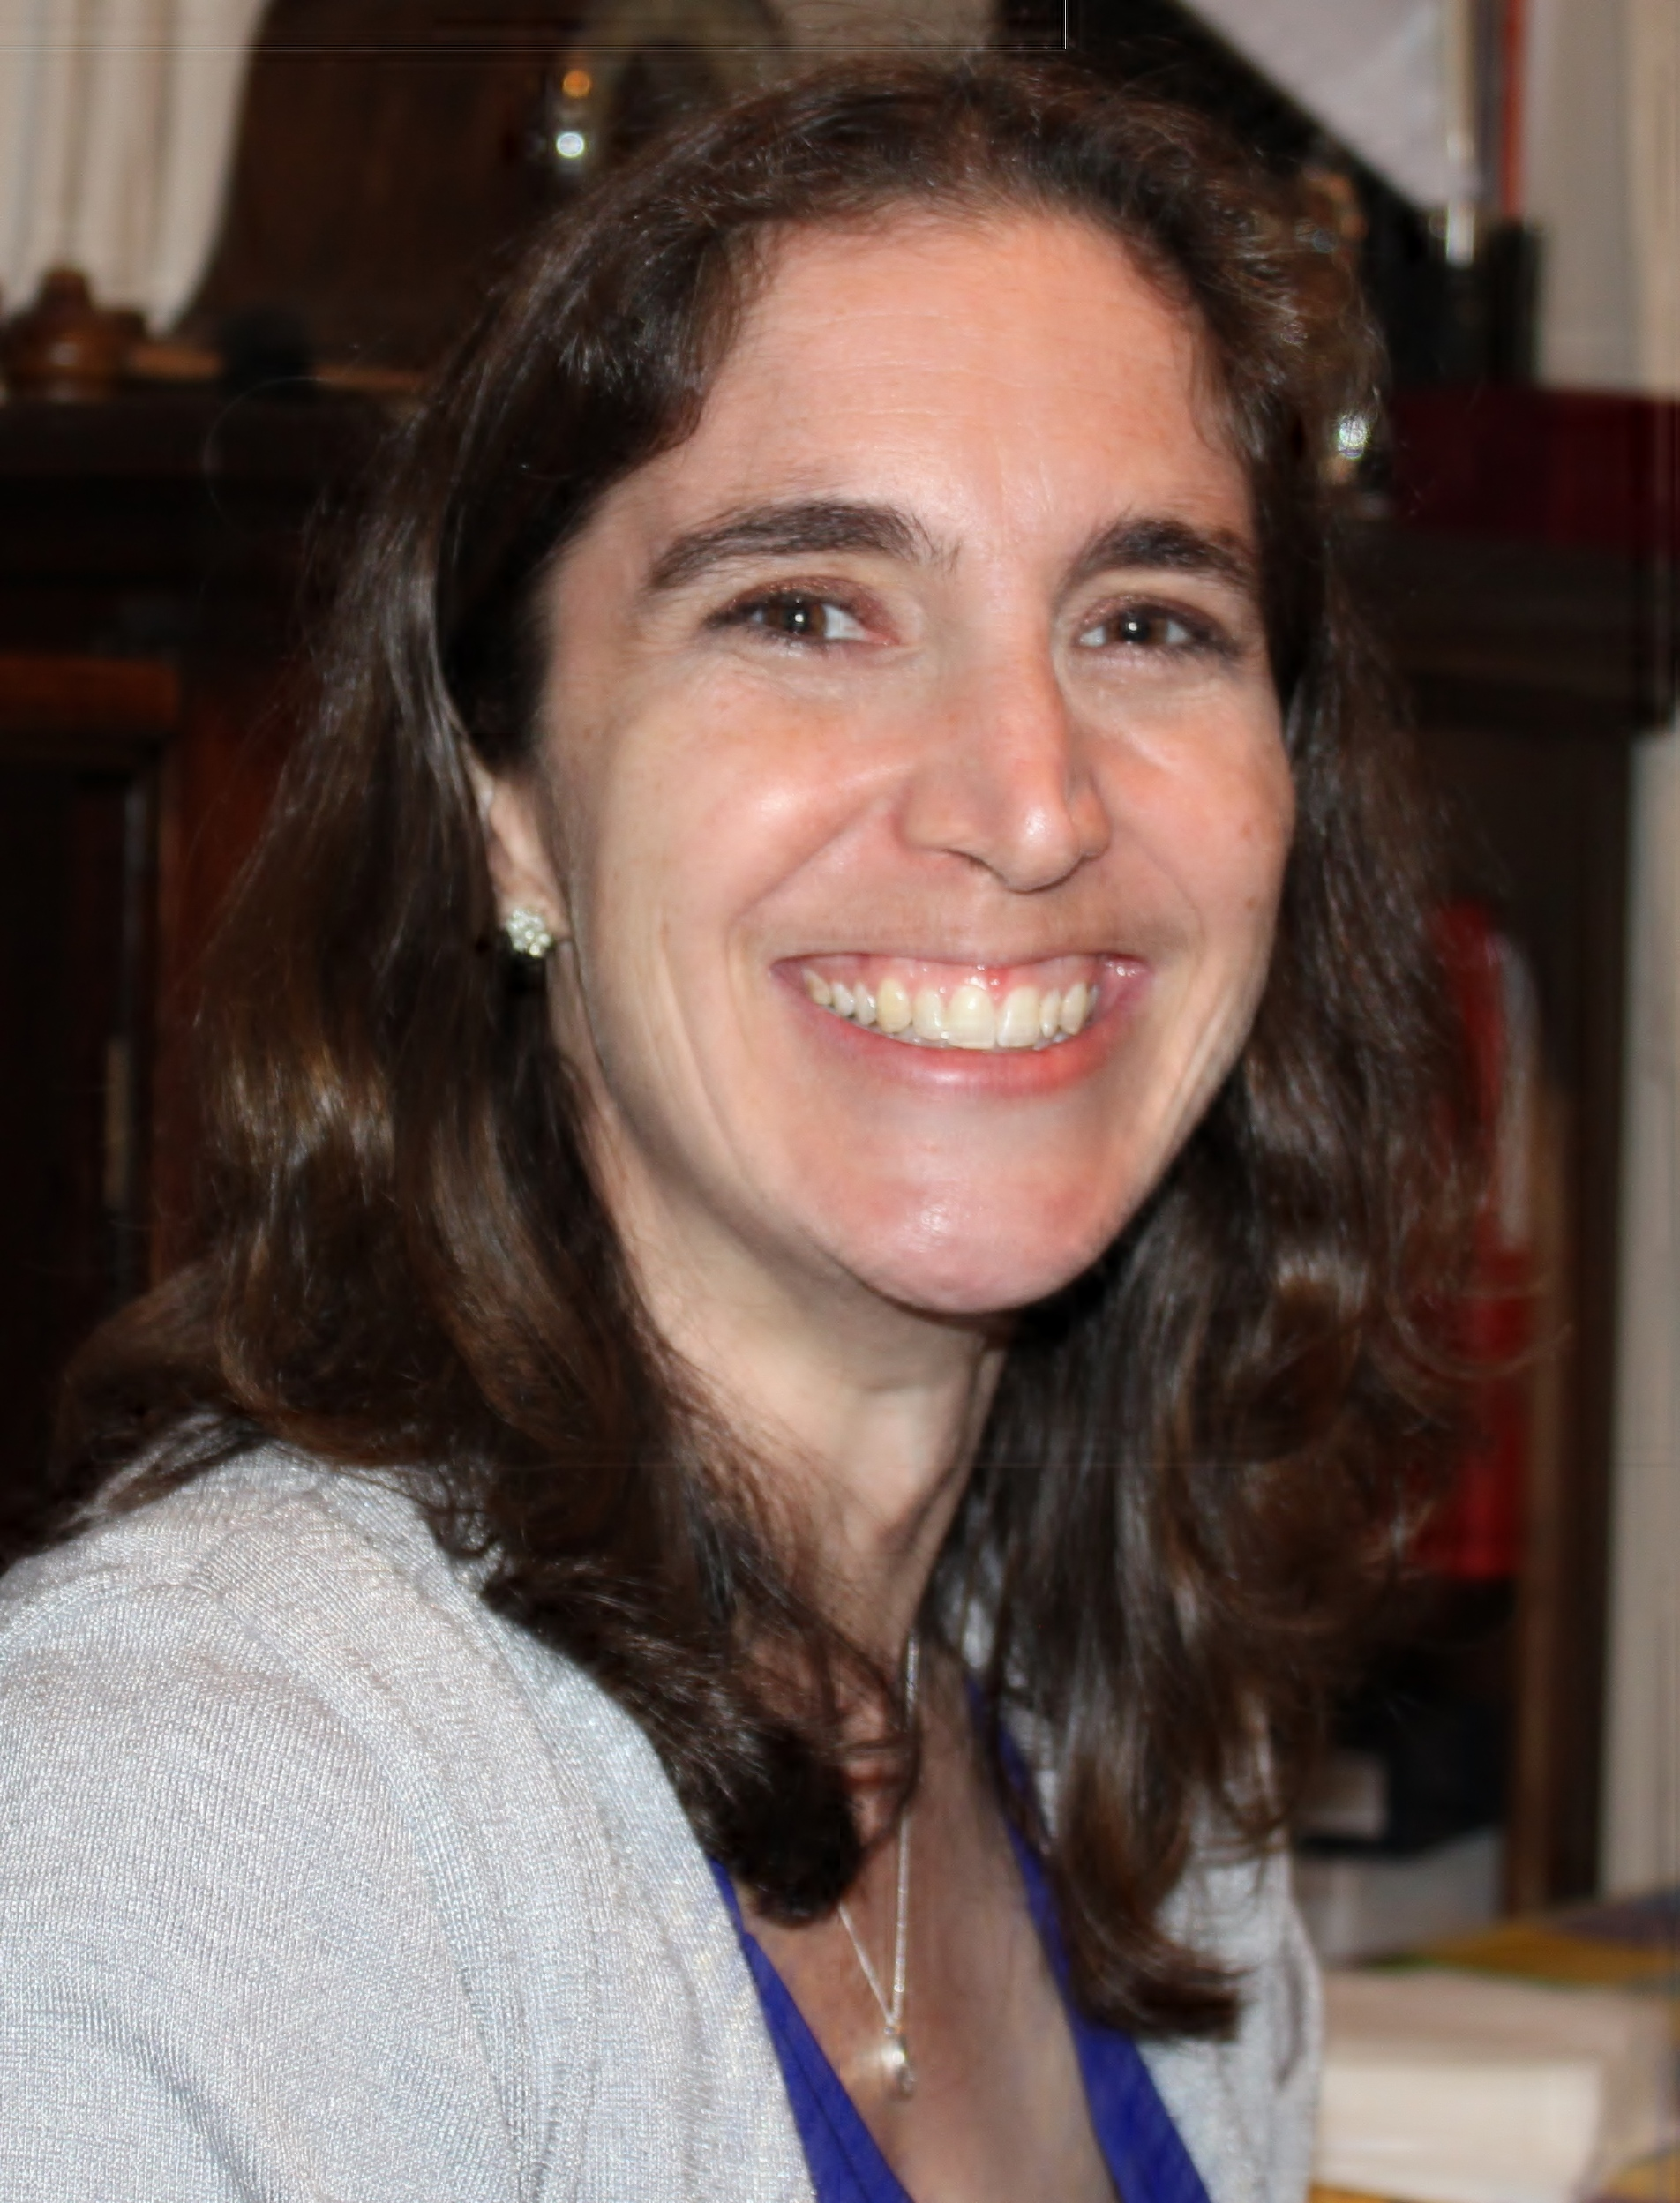 Rachel Flemons